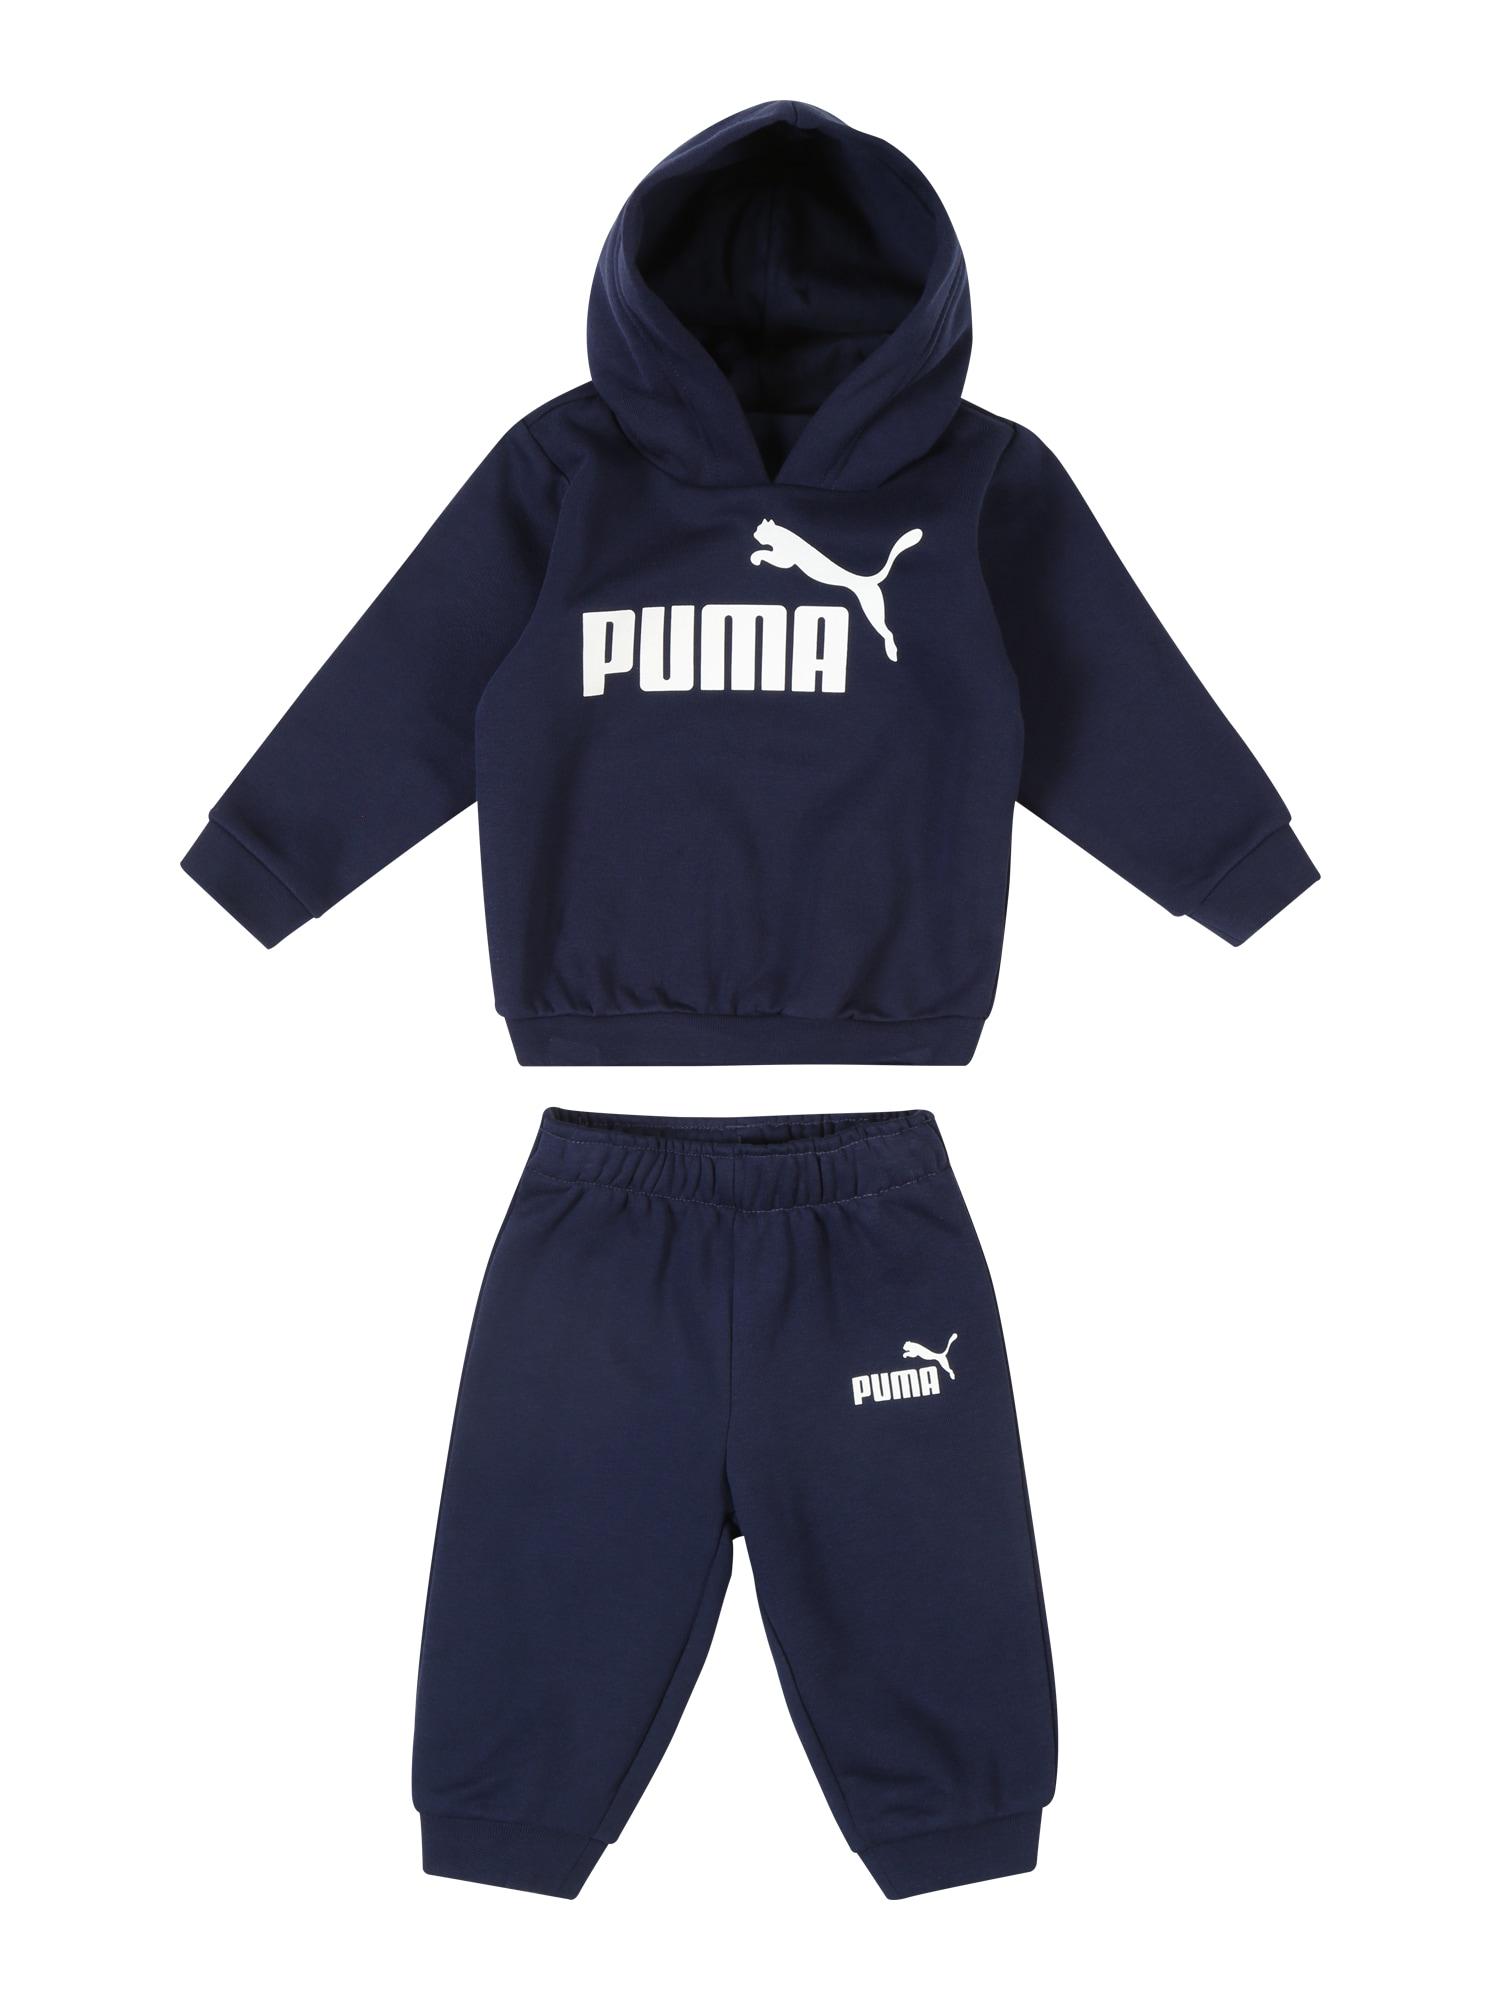 Joggingová souprava Minicats No. 1 námořnická modř bílá PUMA